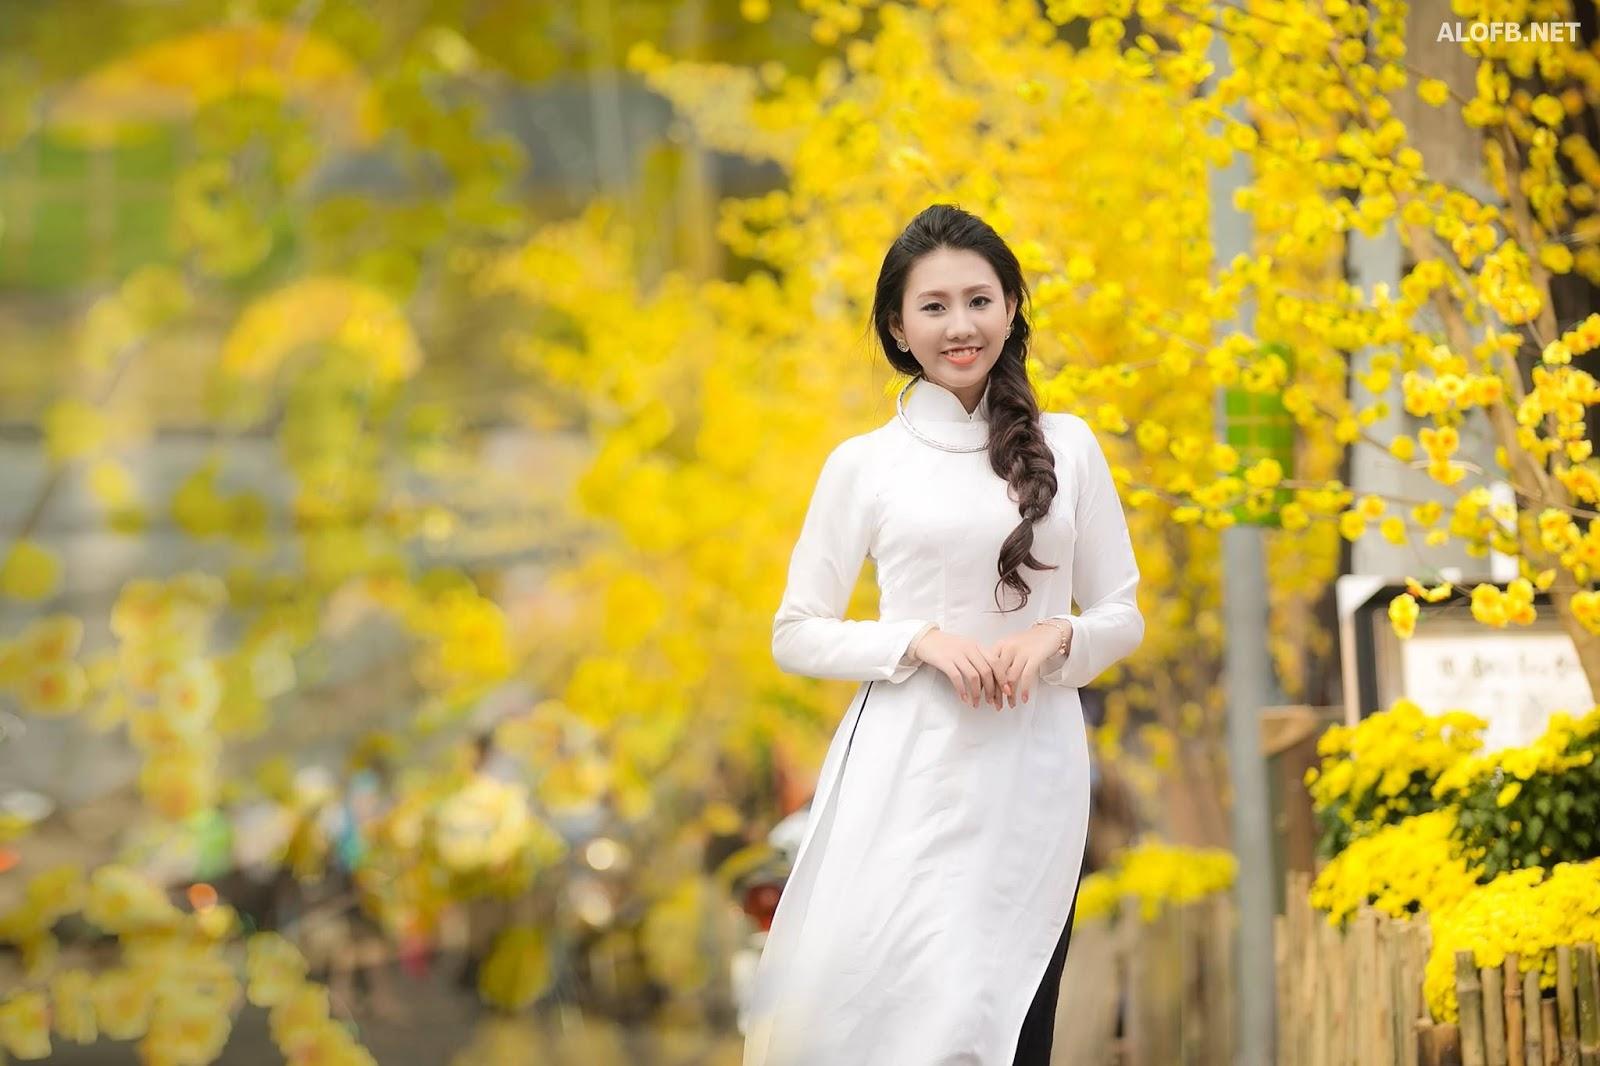 1559469 693478414038022 1910245359 o alofb.net - Hình Nền - Ảnh Bìa HOT GIRL Mai Xuân Thuý Vy (Vy Timy)